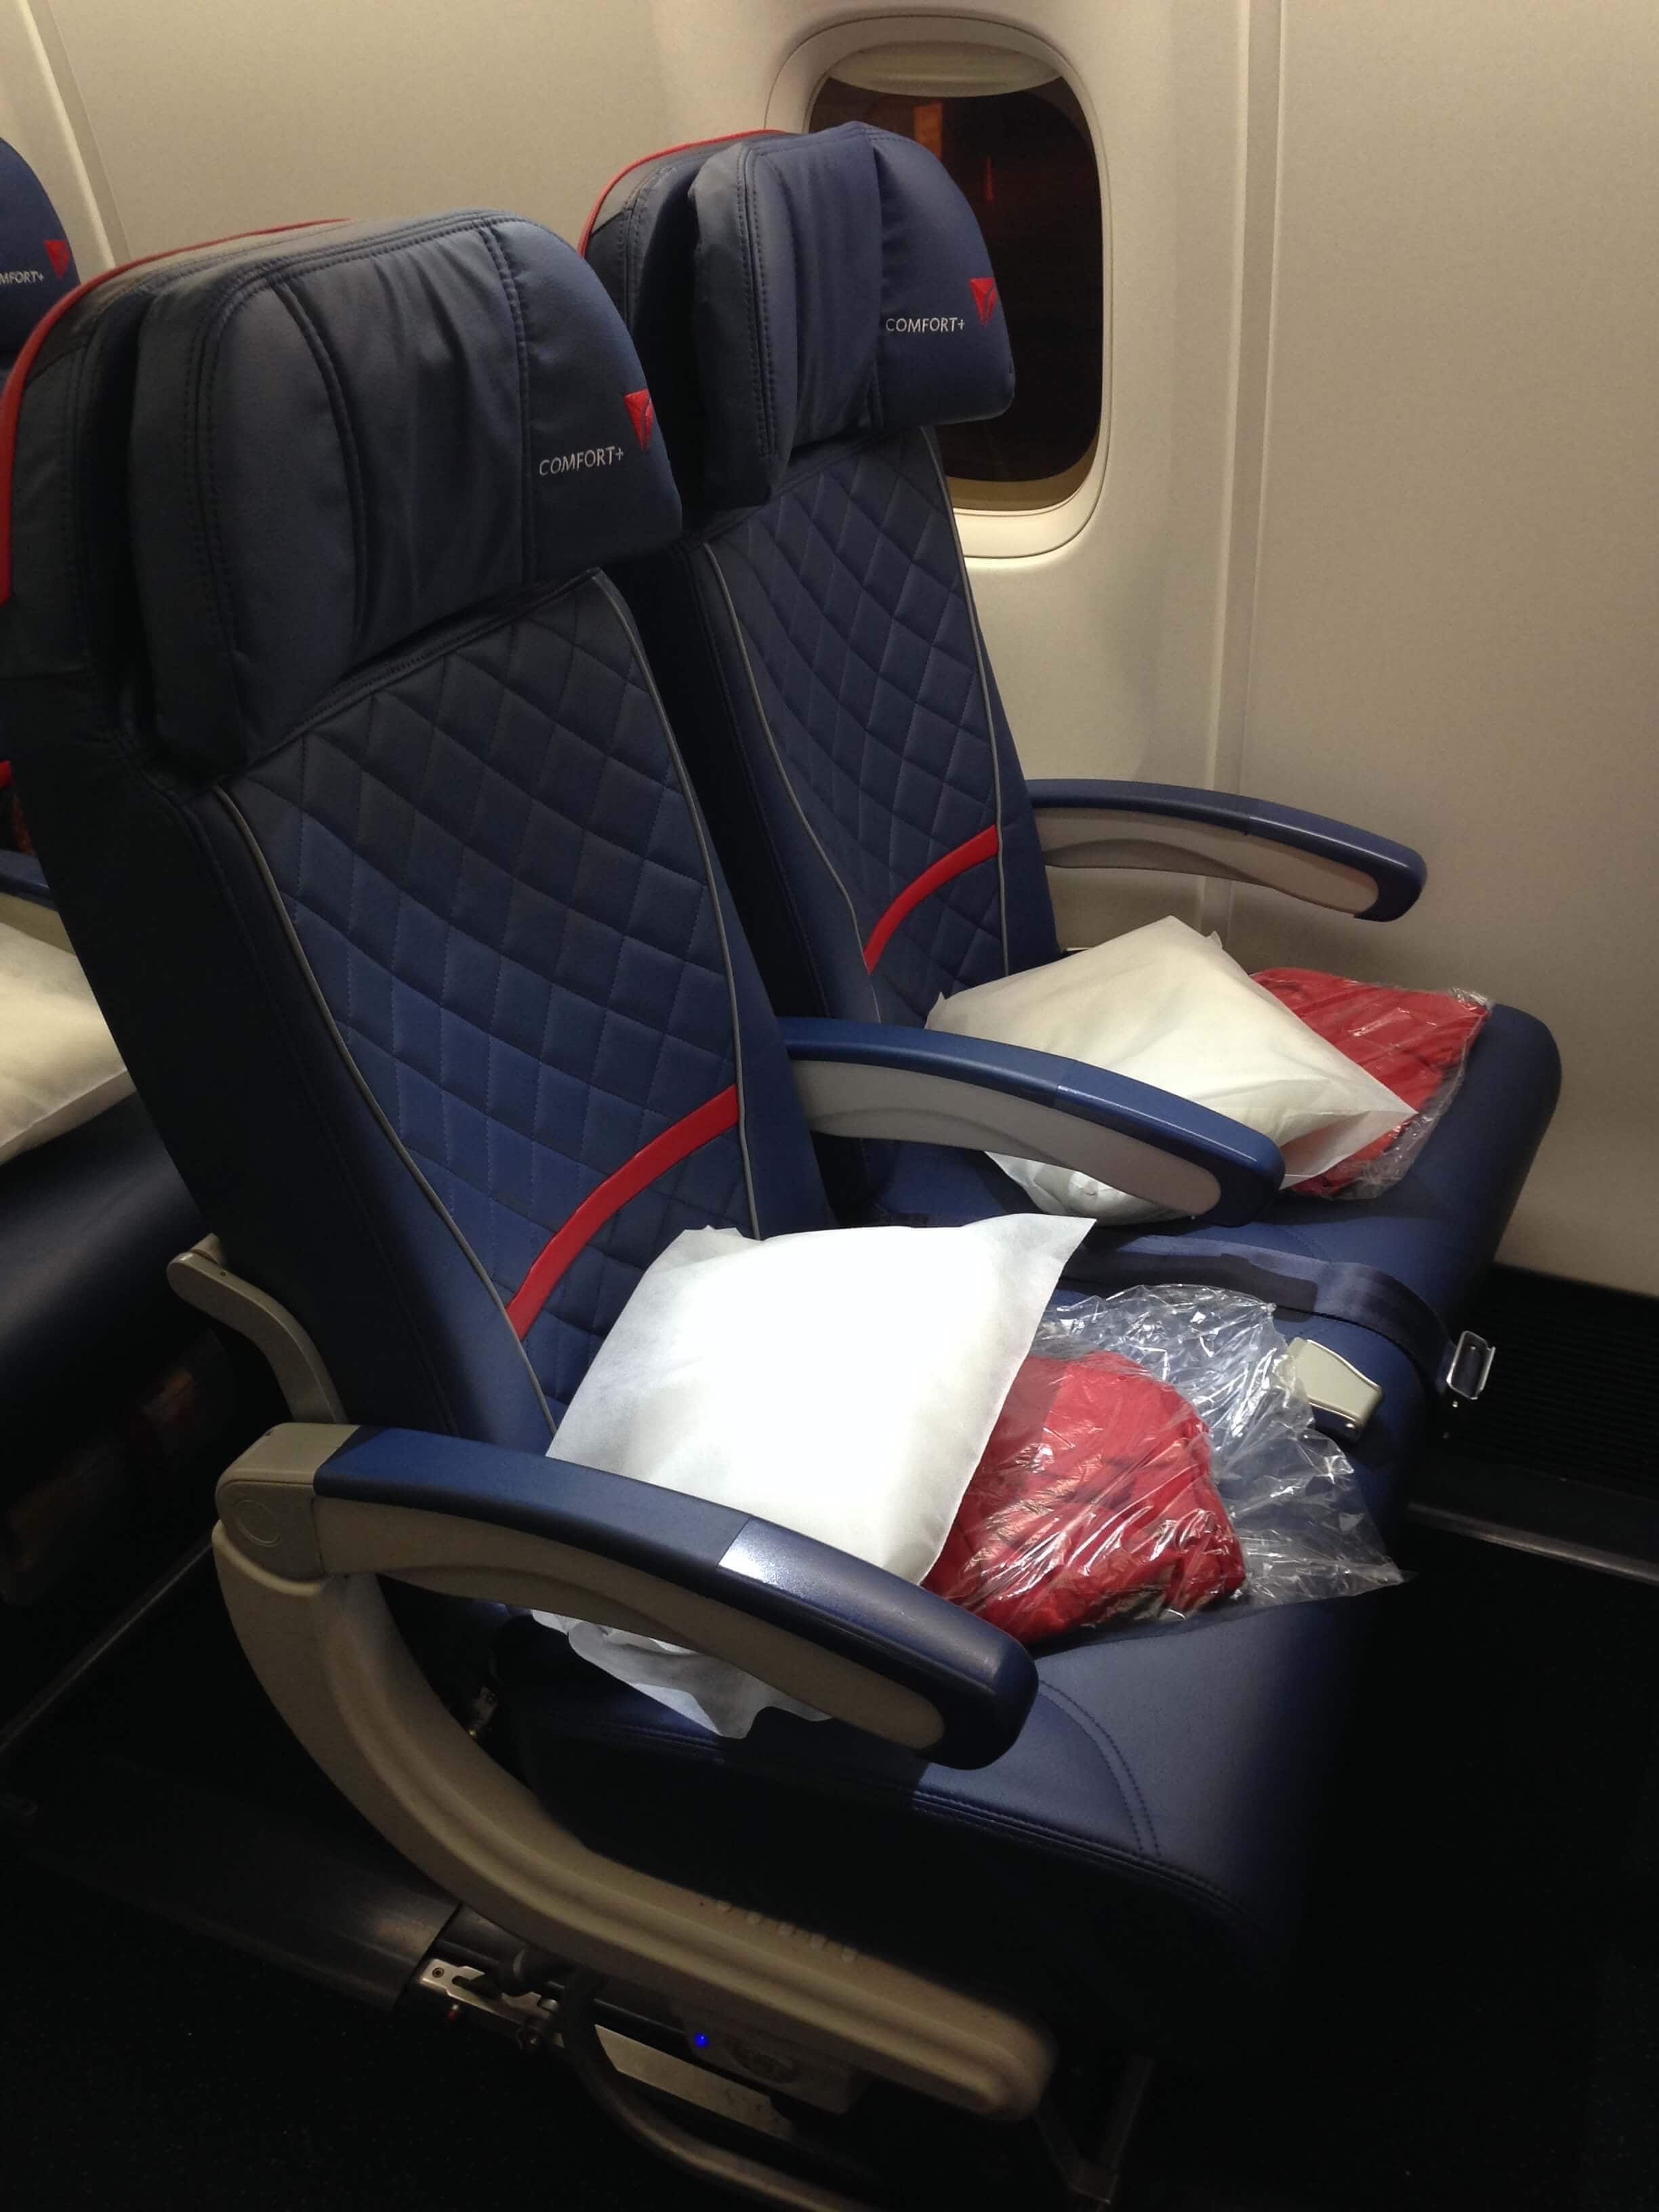 Remarkable Delta Comfort Plus Review The Travel Bite Machost Co Dining Chair Design Ideas Machostcouk